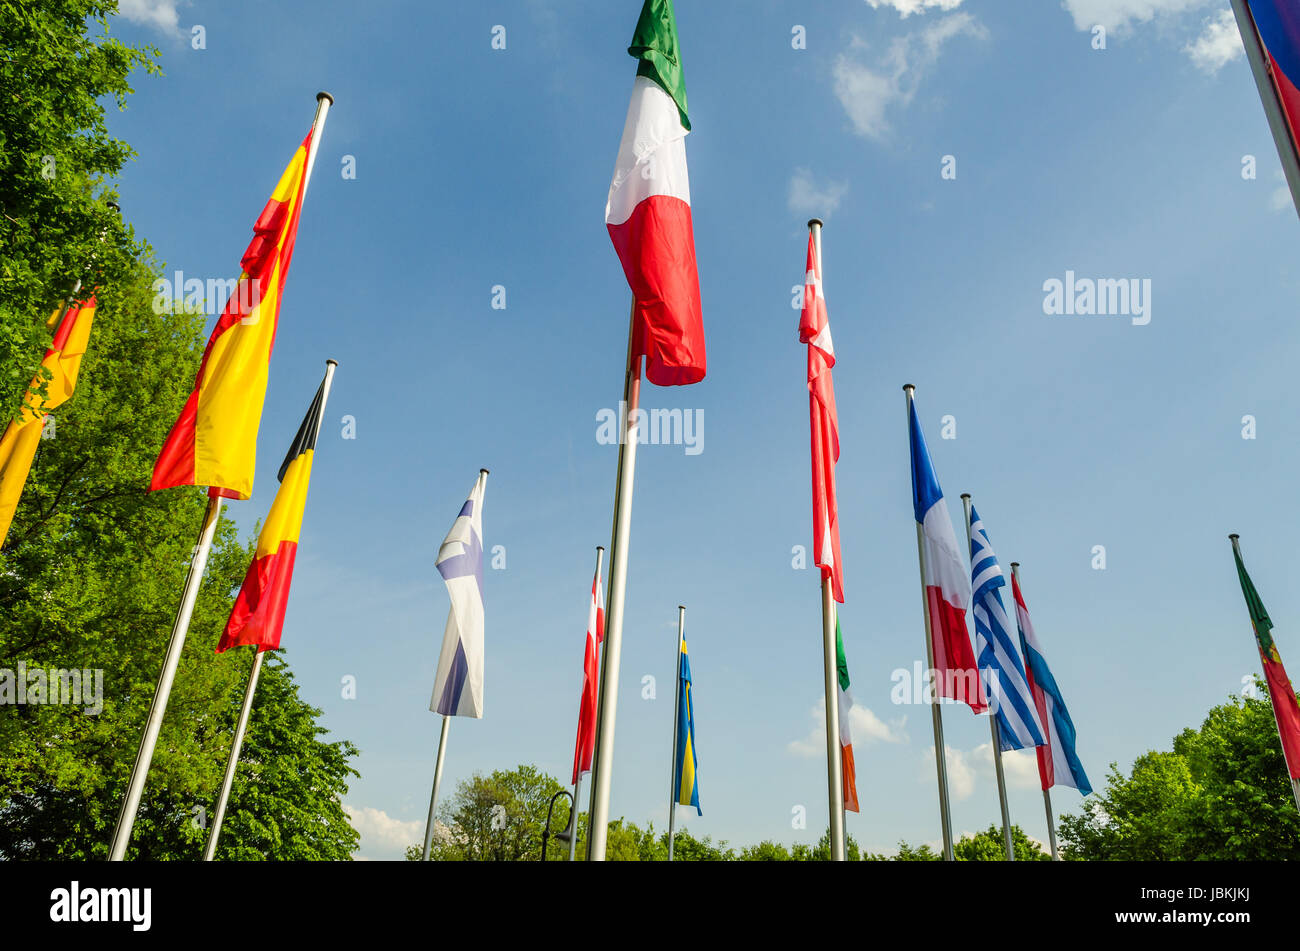 Flaggen der Welt, Fahnenmeer verschiedener Nationen und Organisation Stock Photo